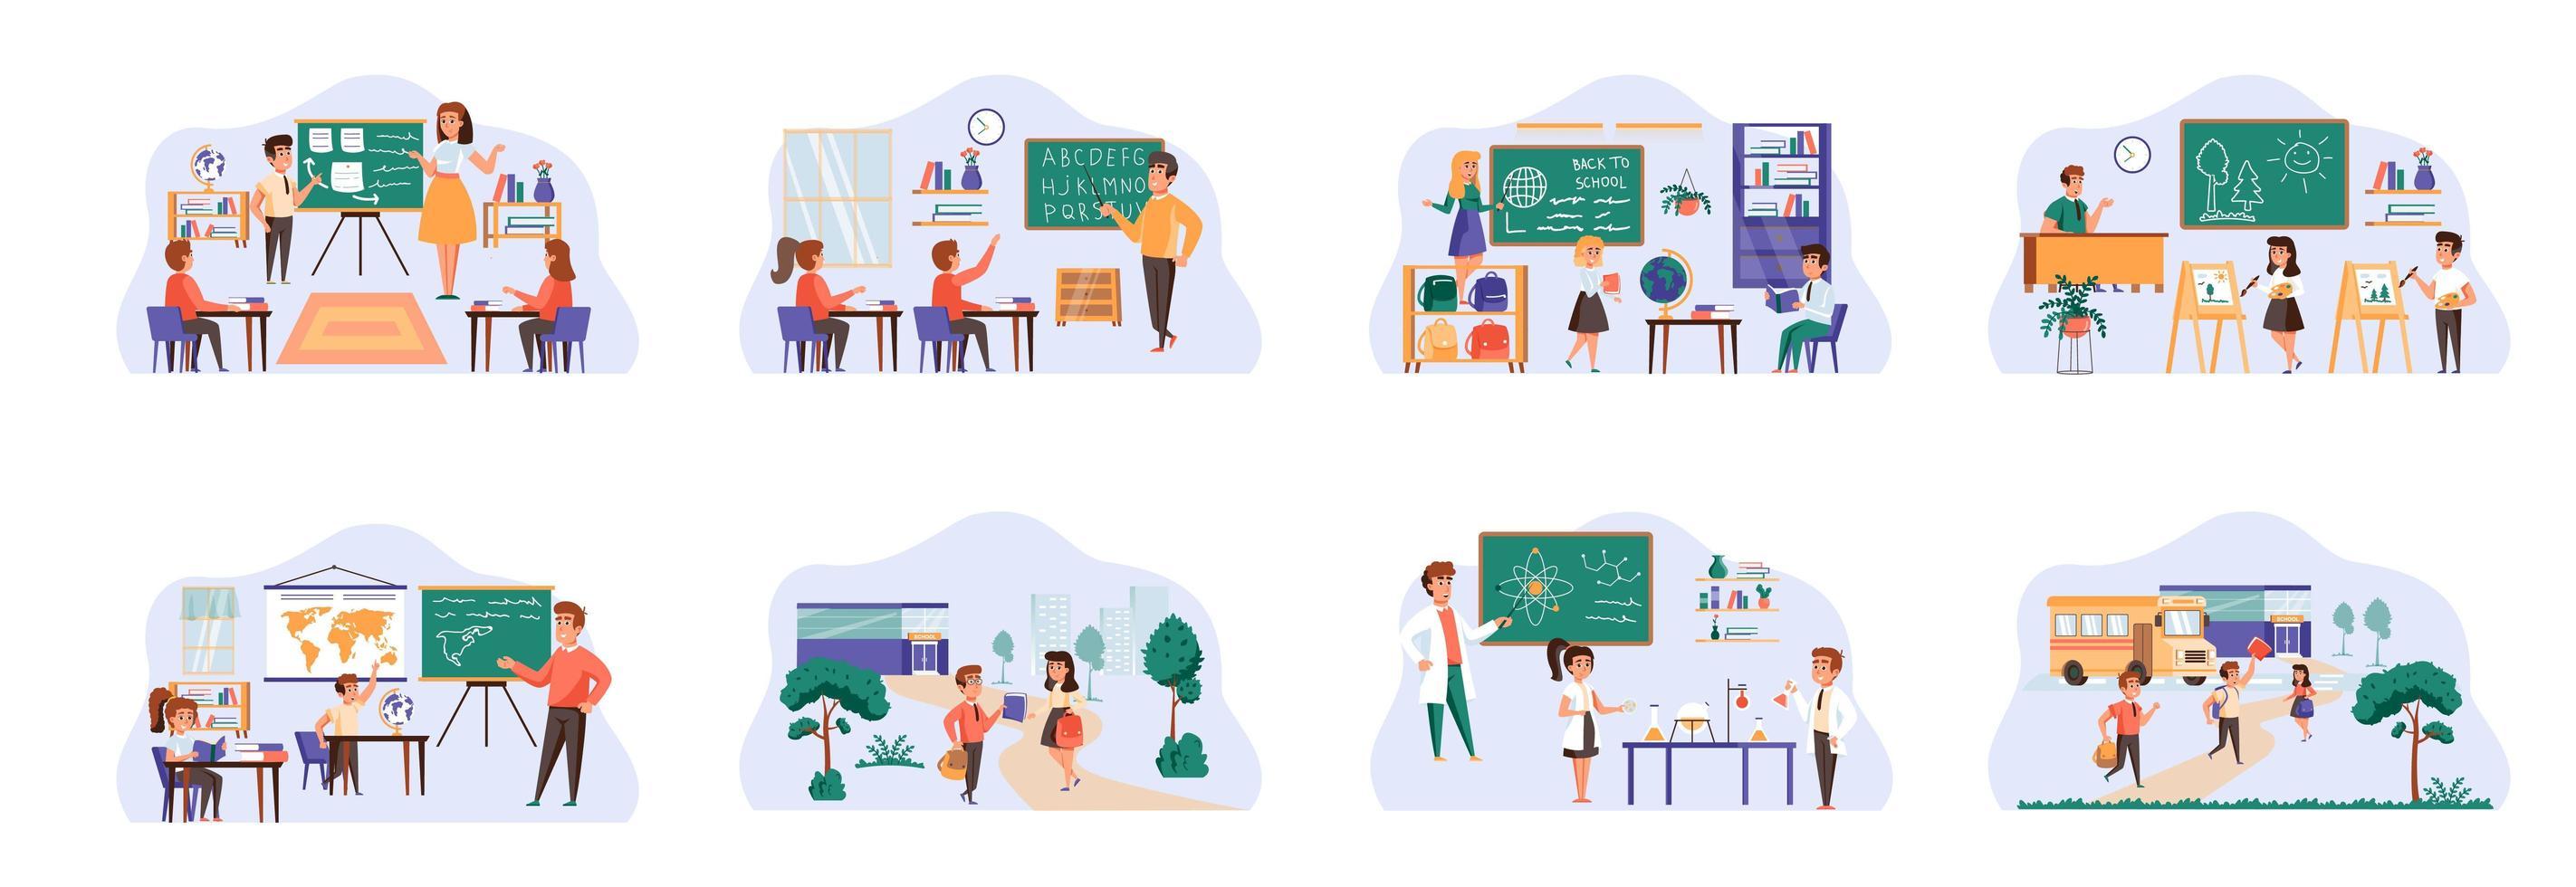 Paquete de aprendizaje escolar de escenas con personajes de personas planas. vector